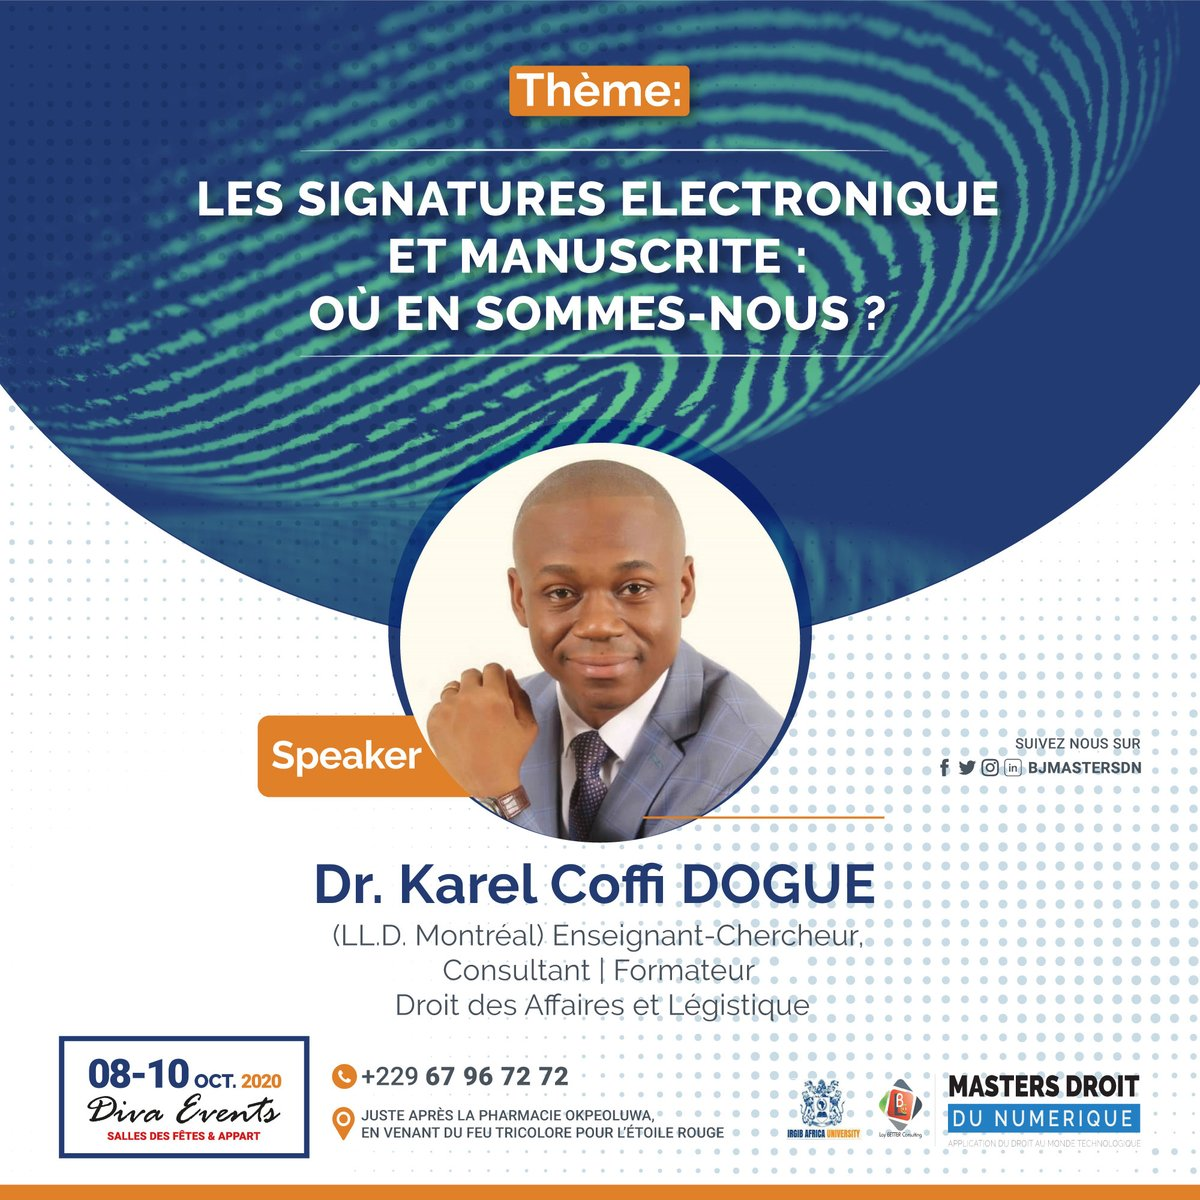 Docteur en droit, juriste pluridisciplinaire, Karel Osiris DOGUE est indéniablement une voix permise pour évoquer le cadre juridique de la signature électronique au Bénin. Obtenez votre pass 👉https://t.co/Aay8Dg9b8X #droitnumerique #BJMasterDN https://t.co/9B6V13IPkQ